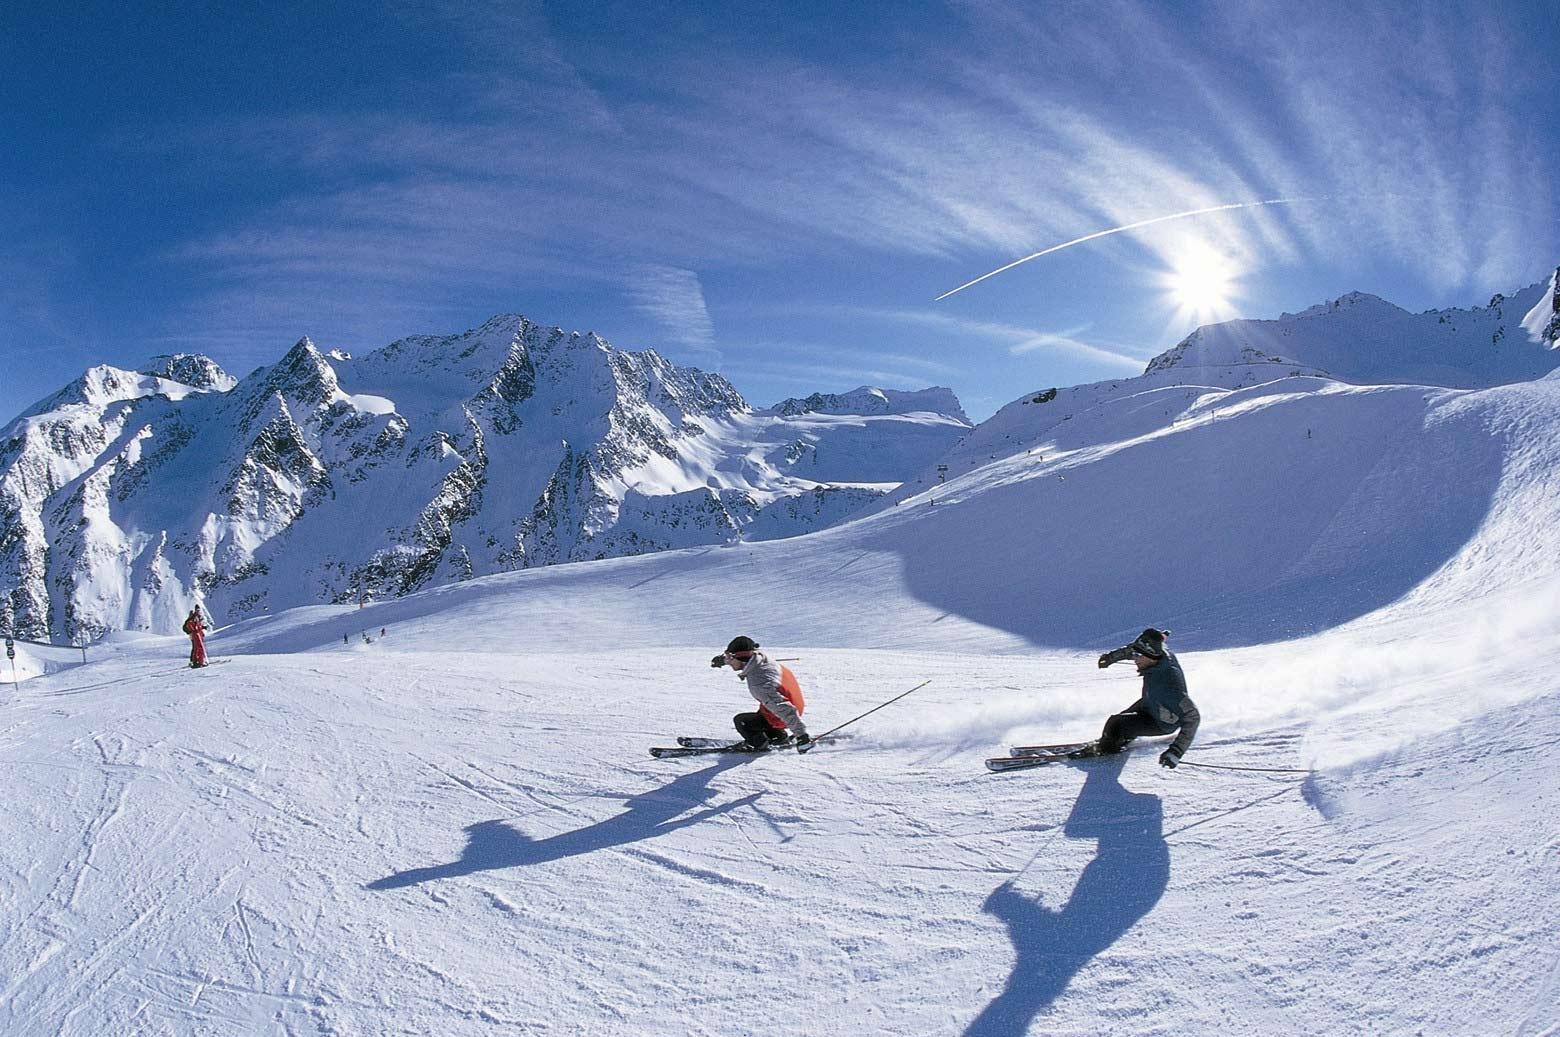 Италия-Франция. Одна лыжа тут, а другая там.